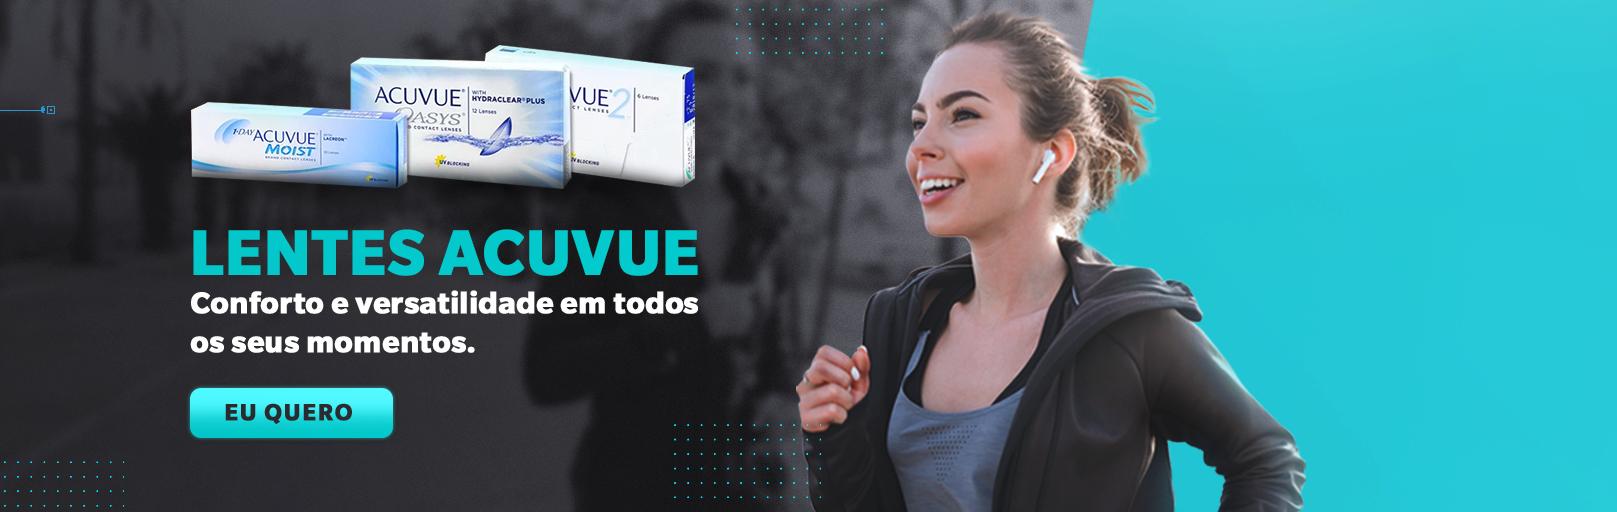 Lentes Incolores - LentesDeContato.com.br